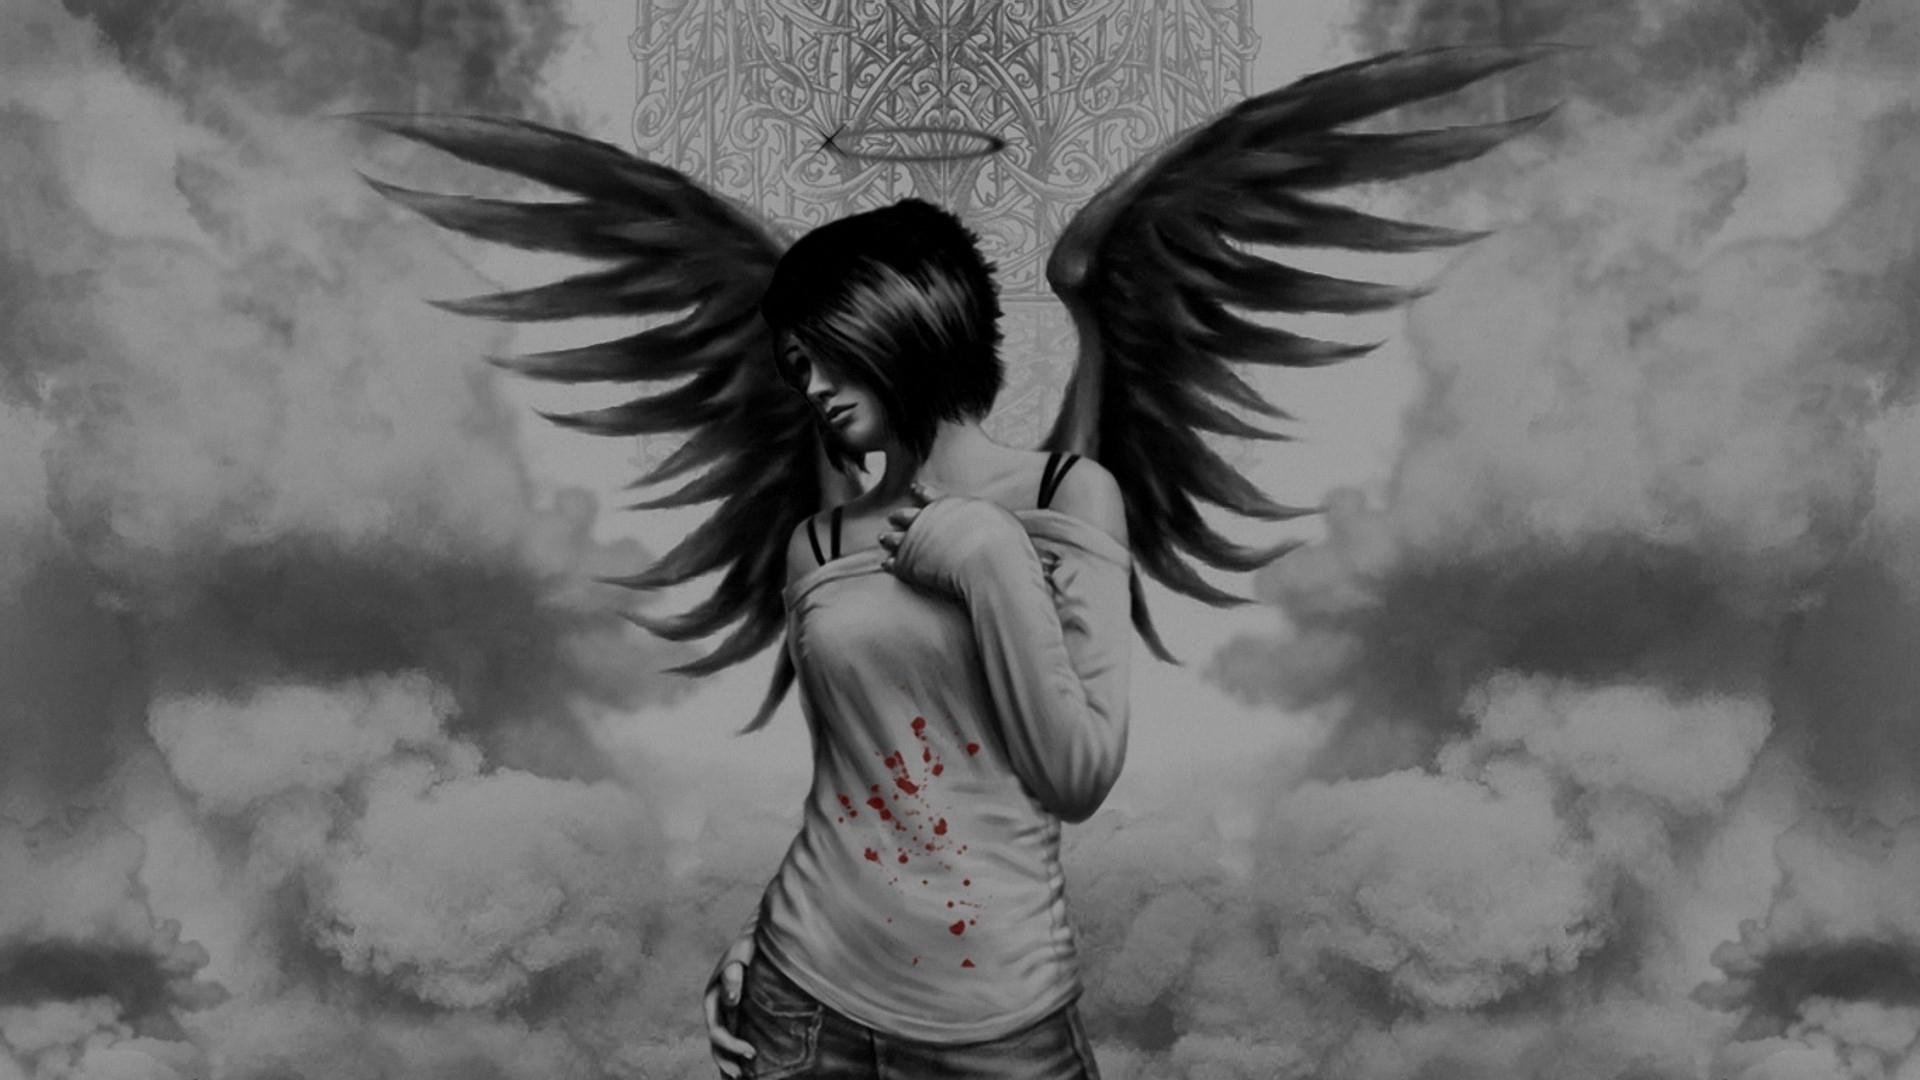 Fallen Angel Wallpaper For Desktop 44 Fallen Angel 1920x1080